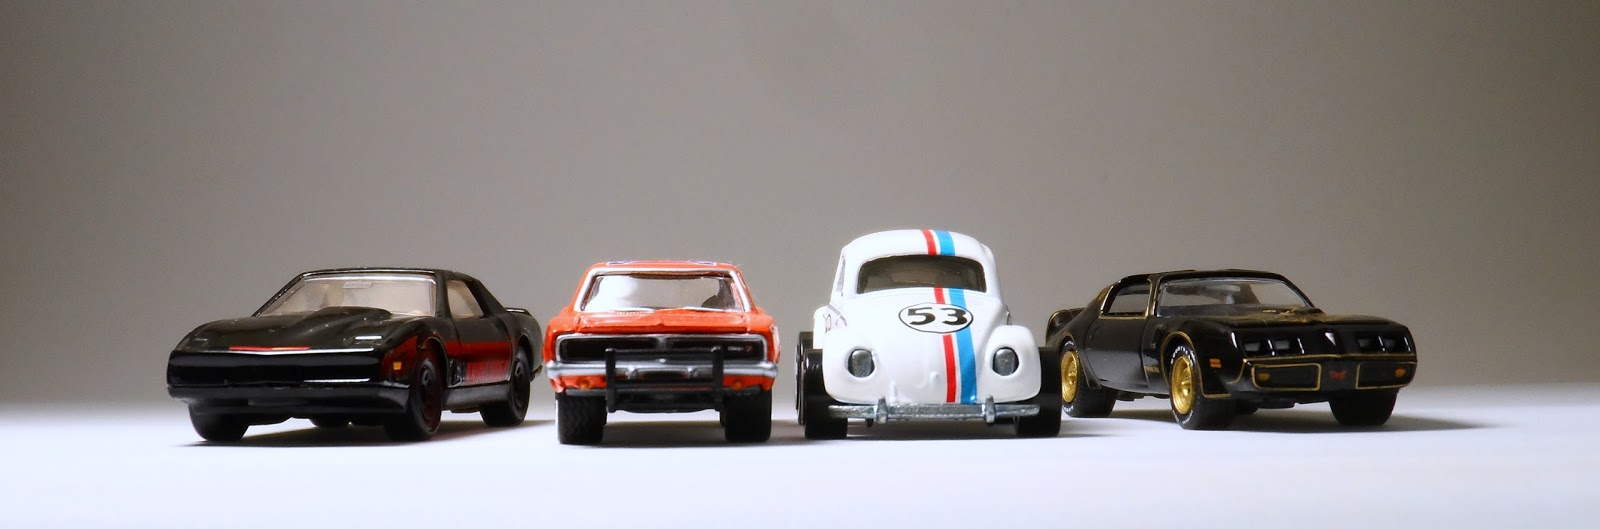 Filme Do Hot Wheels with marcas de minis de carros das series de tv e filmes